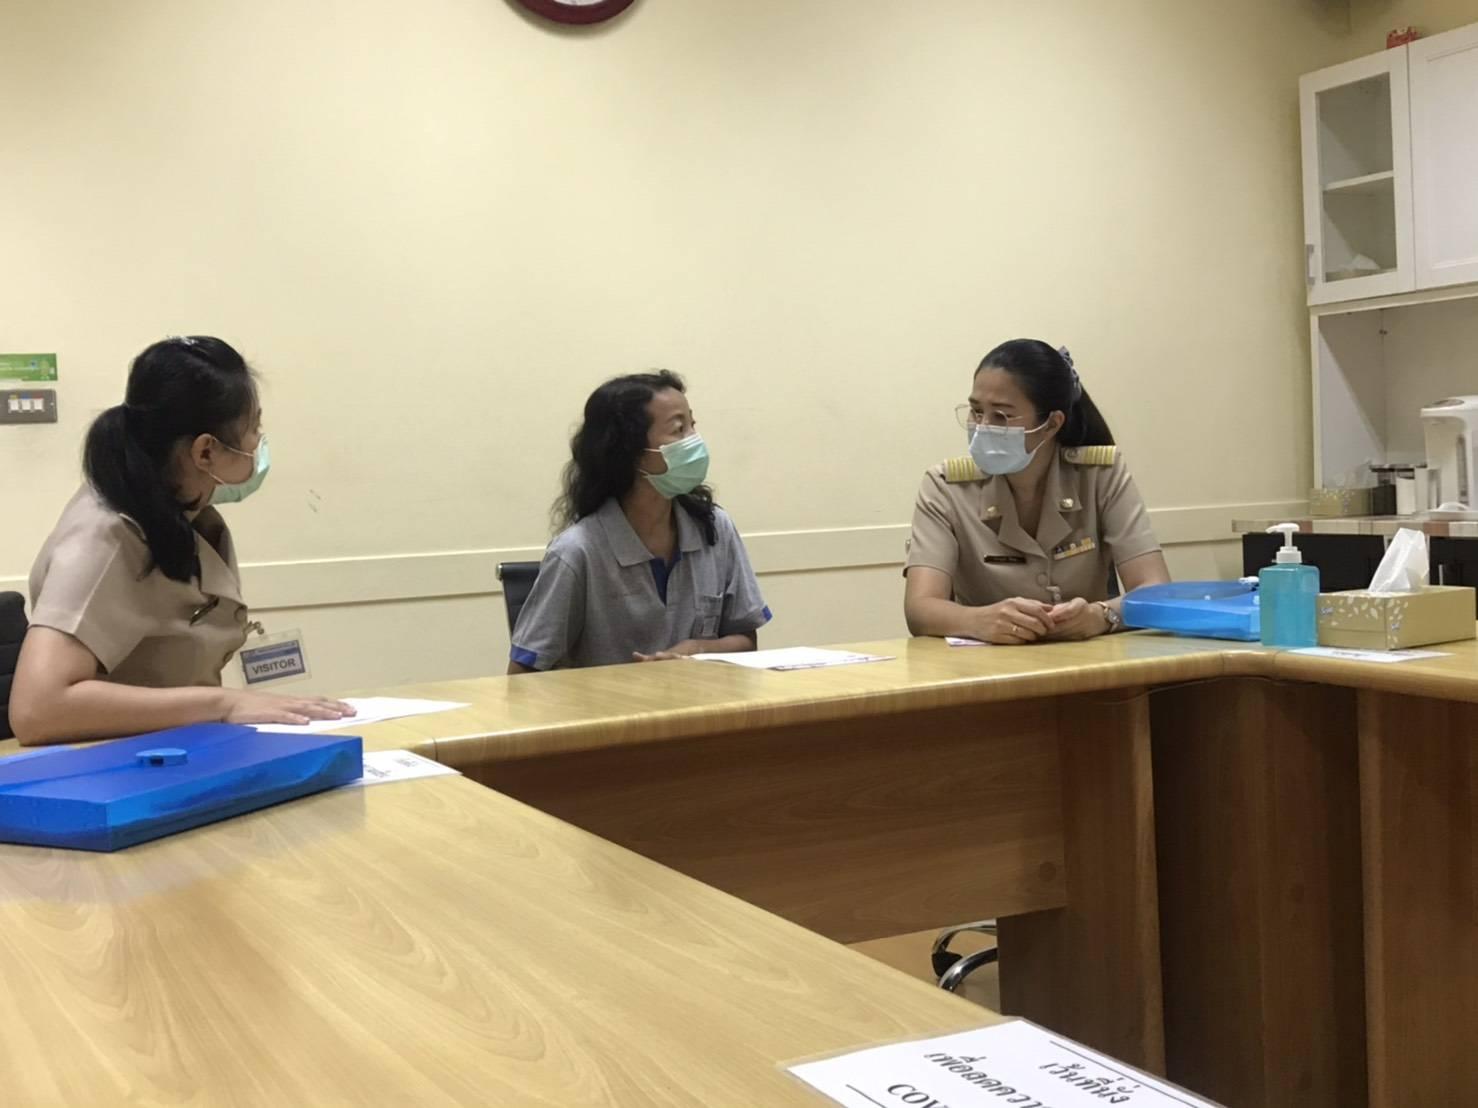 ประชาสัมพันธ์การจัดงาน Job Expo Thailand 2020